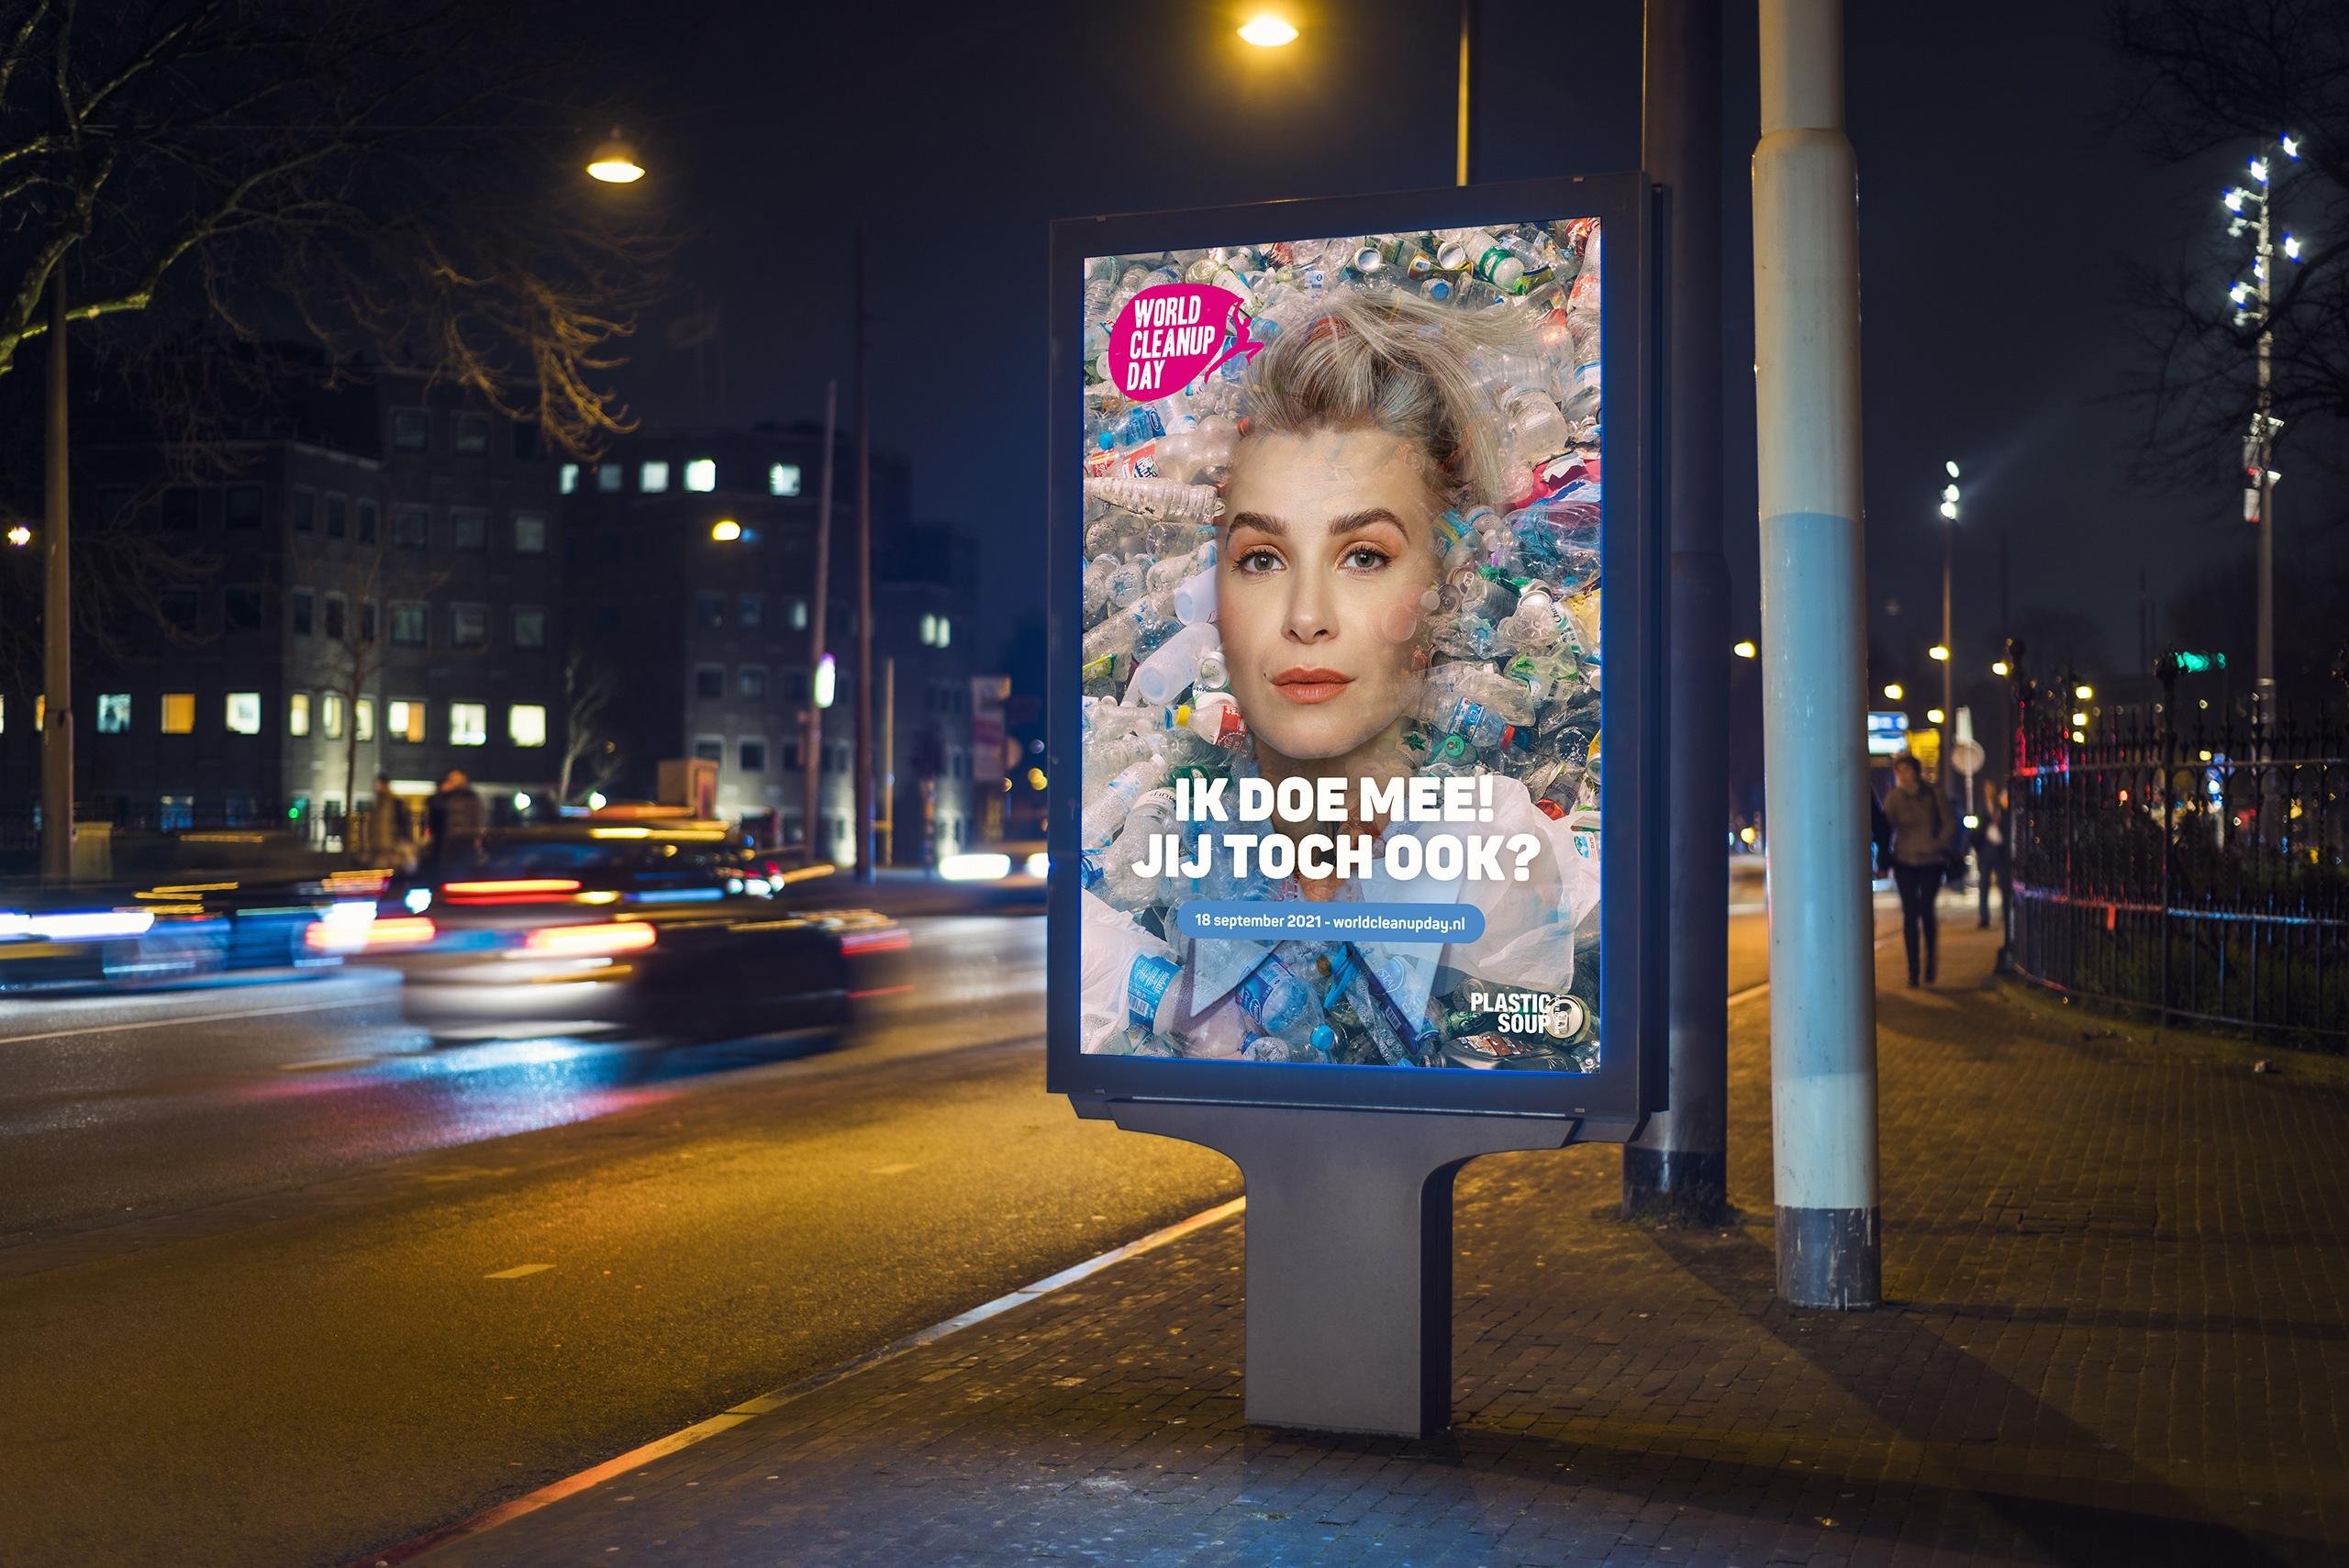 World Cleanup Day 2021 poster Victoria Koblenko